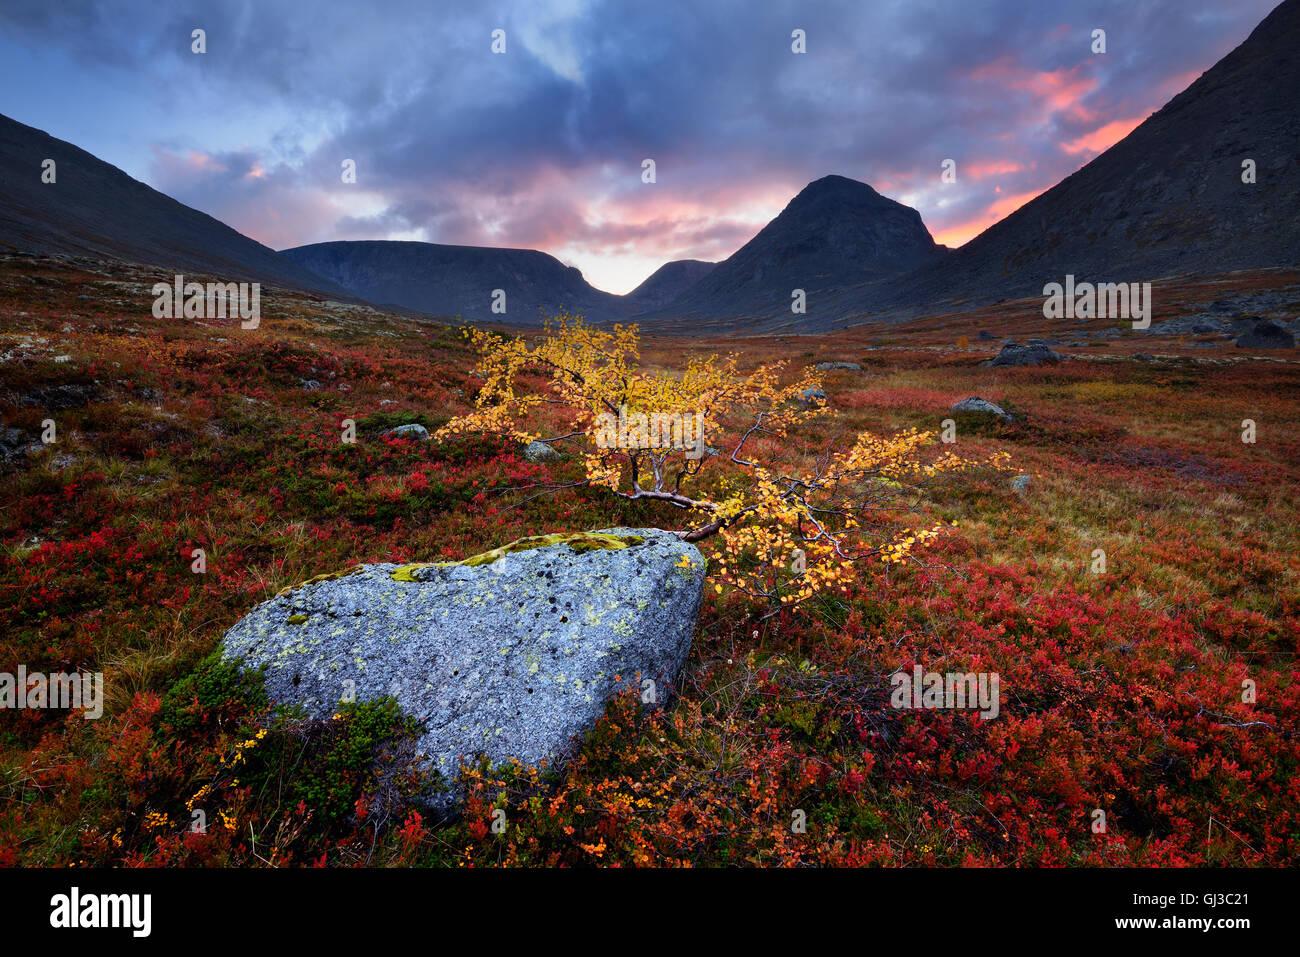 Couleurs d'automne et boulder de Malaya Belaya River Valley, au crépuscule, en montagnes Khibiny, péninsule Photo Stock